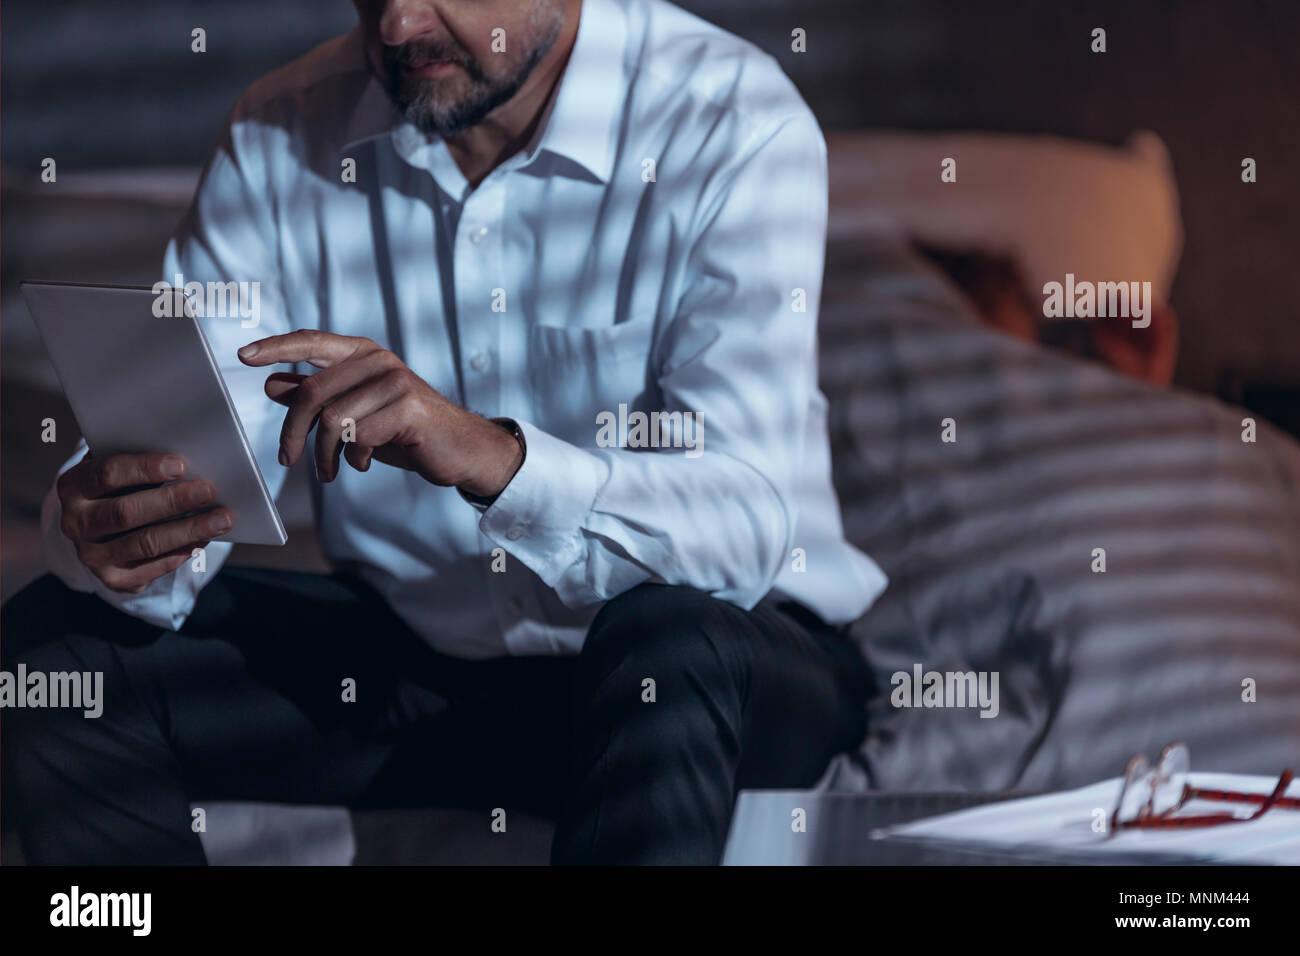 Low angle view of a mature homme assis sur un lit dans une chambre et la tenue d'une tablette dans sa main avec une femme dormir sous une couverture de lit dans un flou background Photo Stock